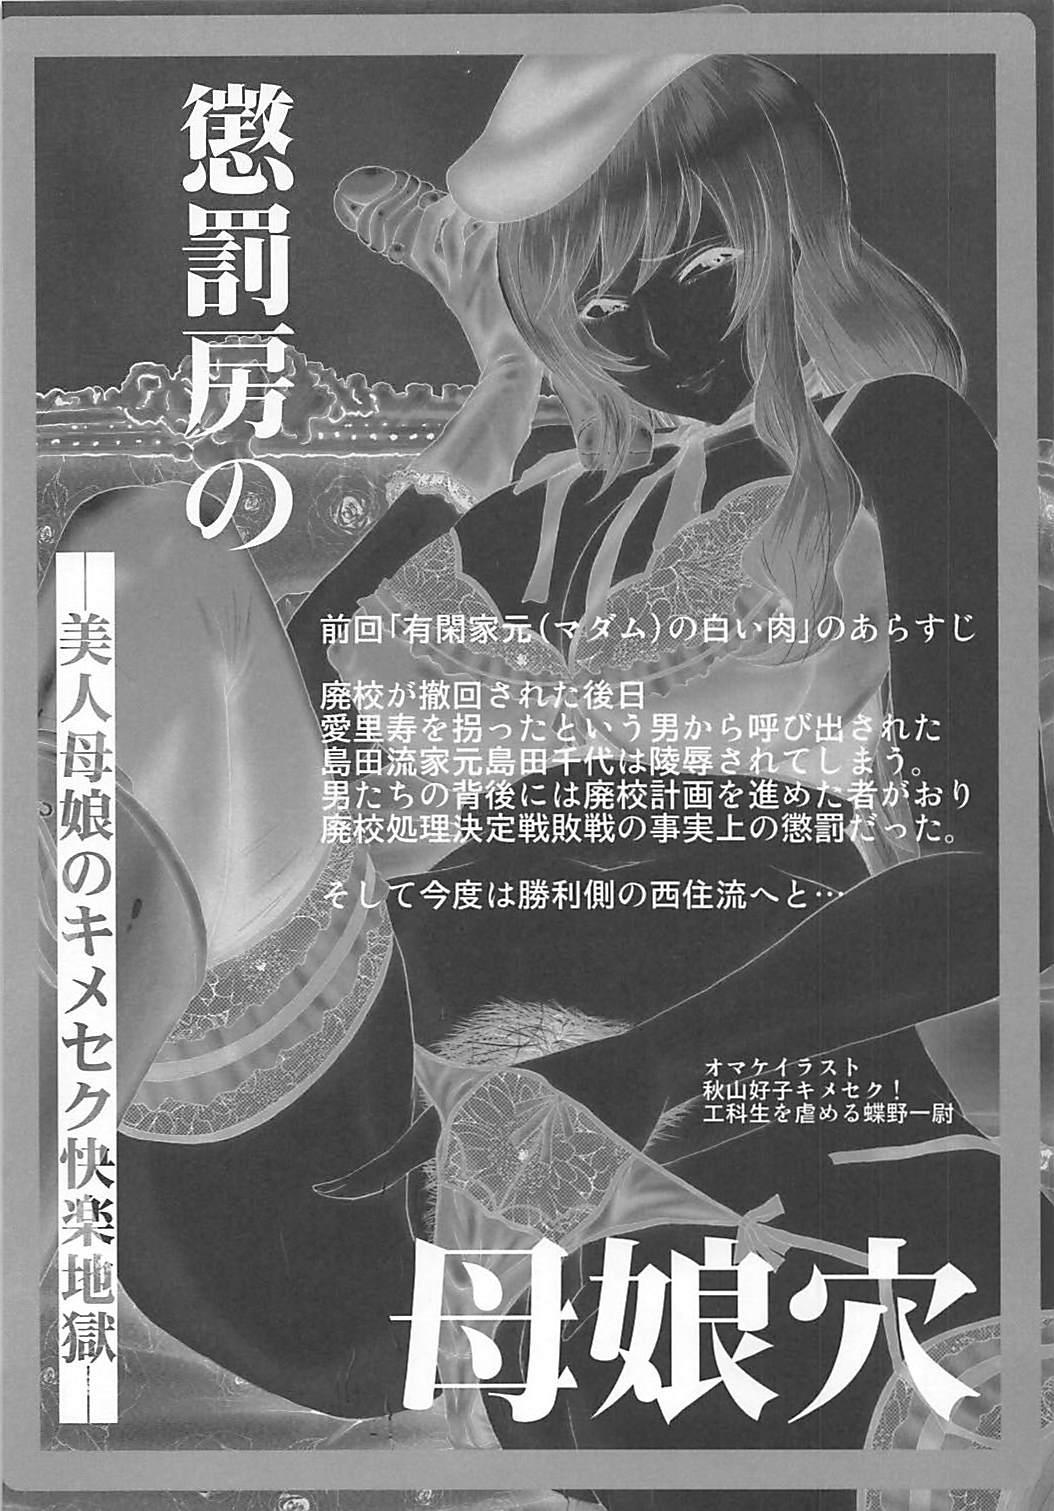 (C93) [Urakata Honpo (SINK)] Urabambi Vol. 56 ~Choubatsubou no Oyako Ana~ Bijin Oyako no Kimeseku Kairaku Jigoku~ (Girls und Panzer) 2